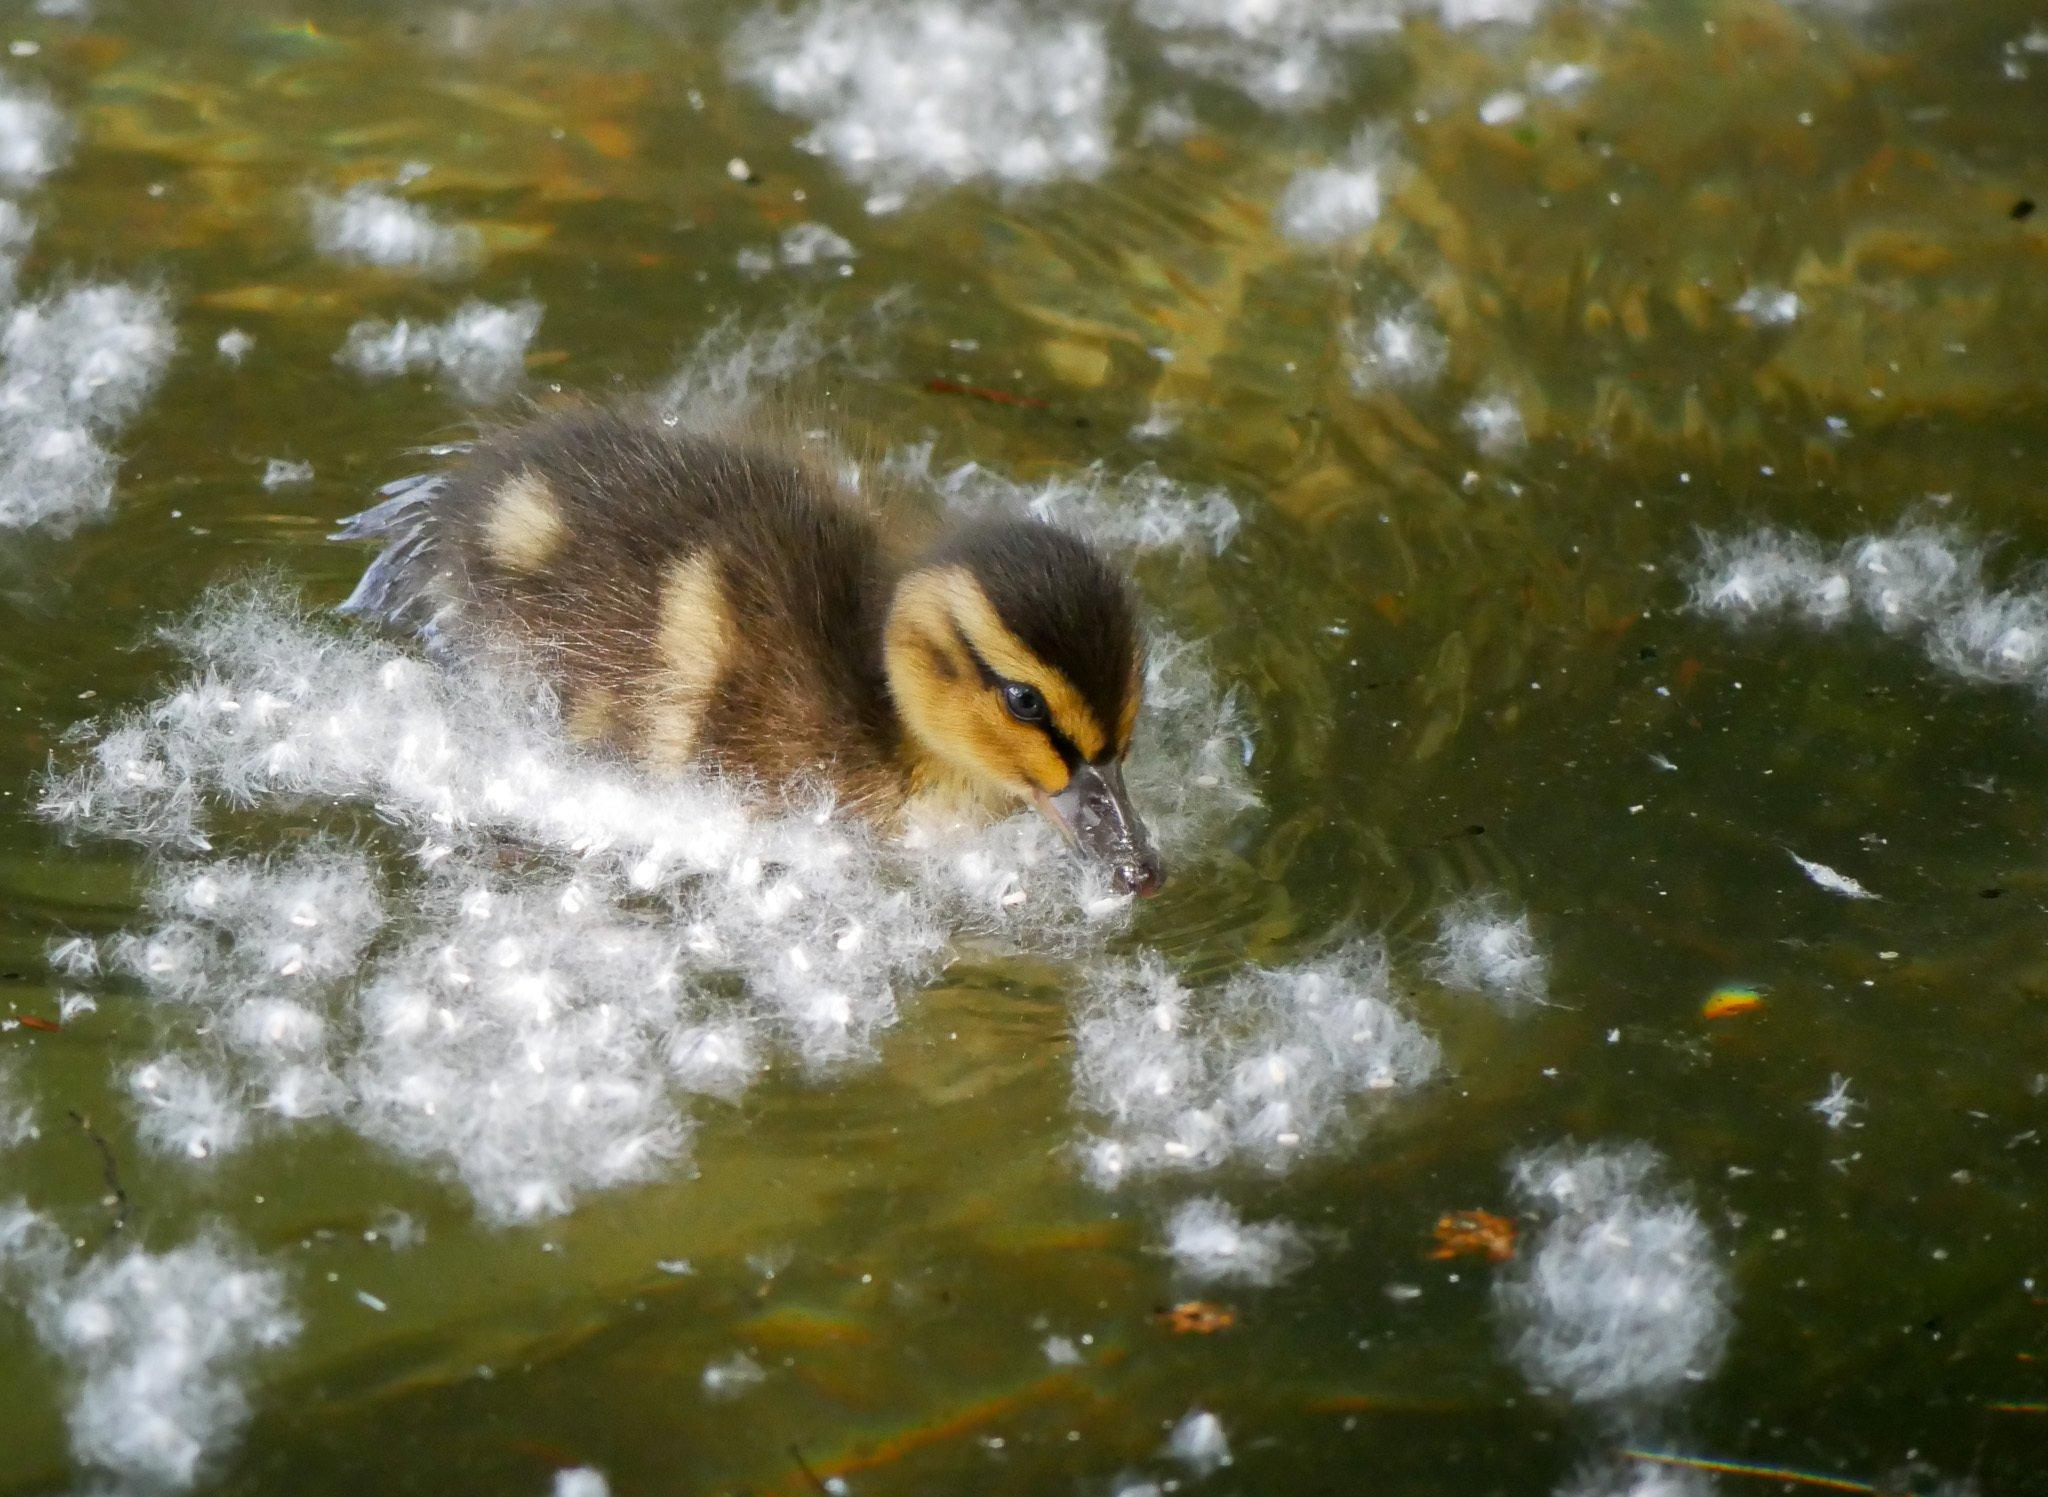 Ein braun-gelb gemustertes Entenküken auf einer olivgrünen Wasserfläche. Um das Tier herum Flocken von Pappel-Pollen.